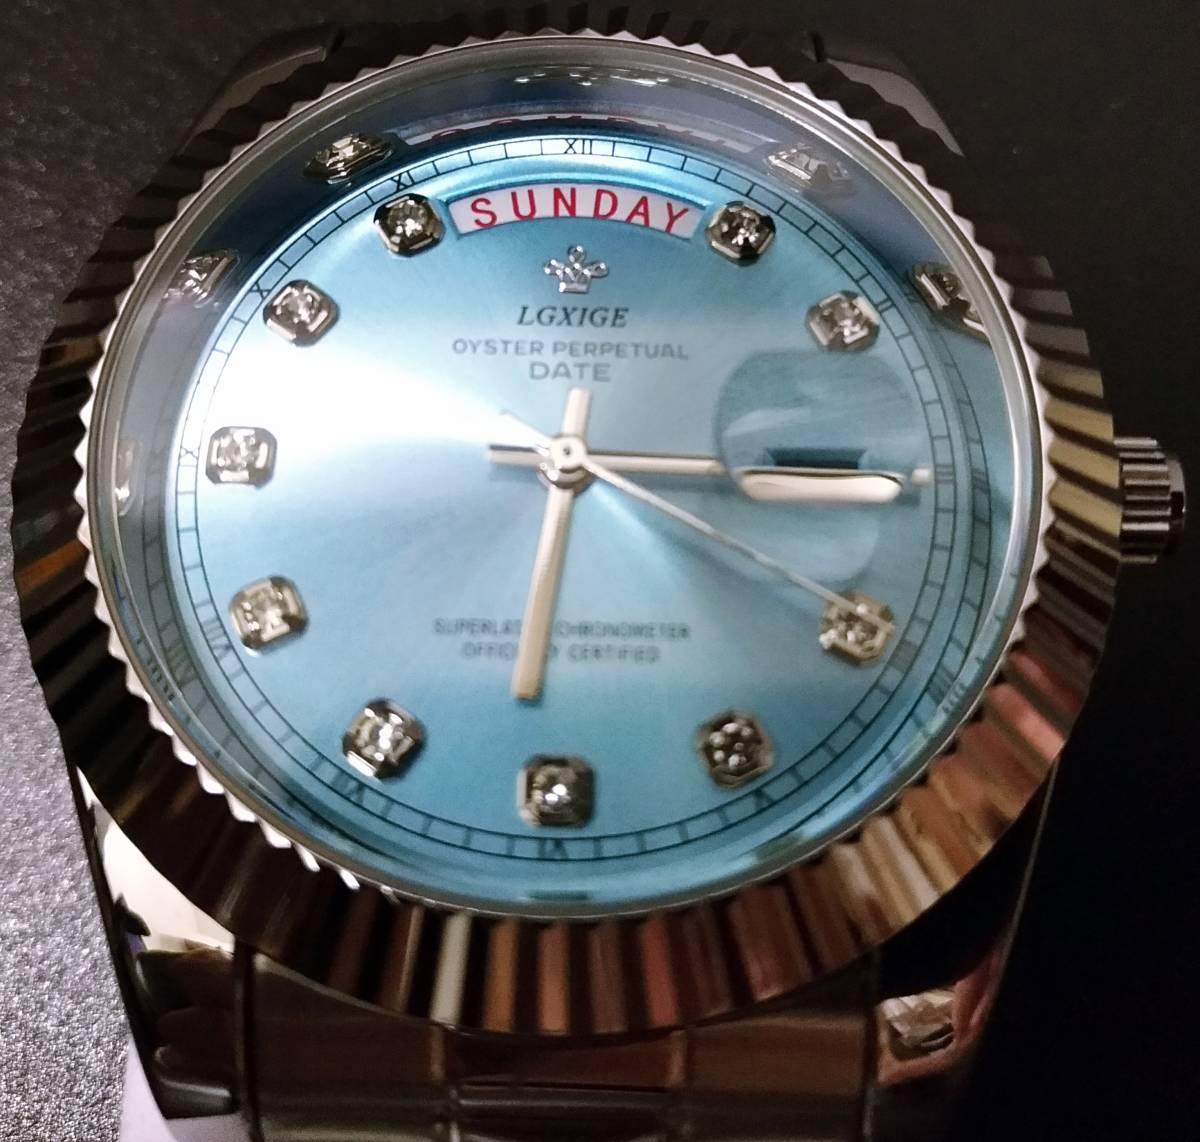 【送料無料】LGXIGE デイデイトスタイル アイスブルー ハイエンド ロレックス系オマージュ ウォッチ 腕時計 高級 メンズ サファイア_画像2